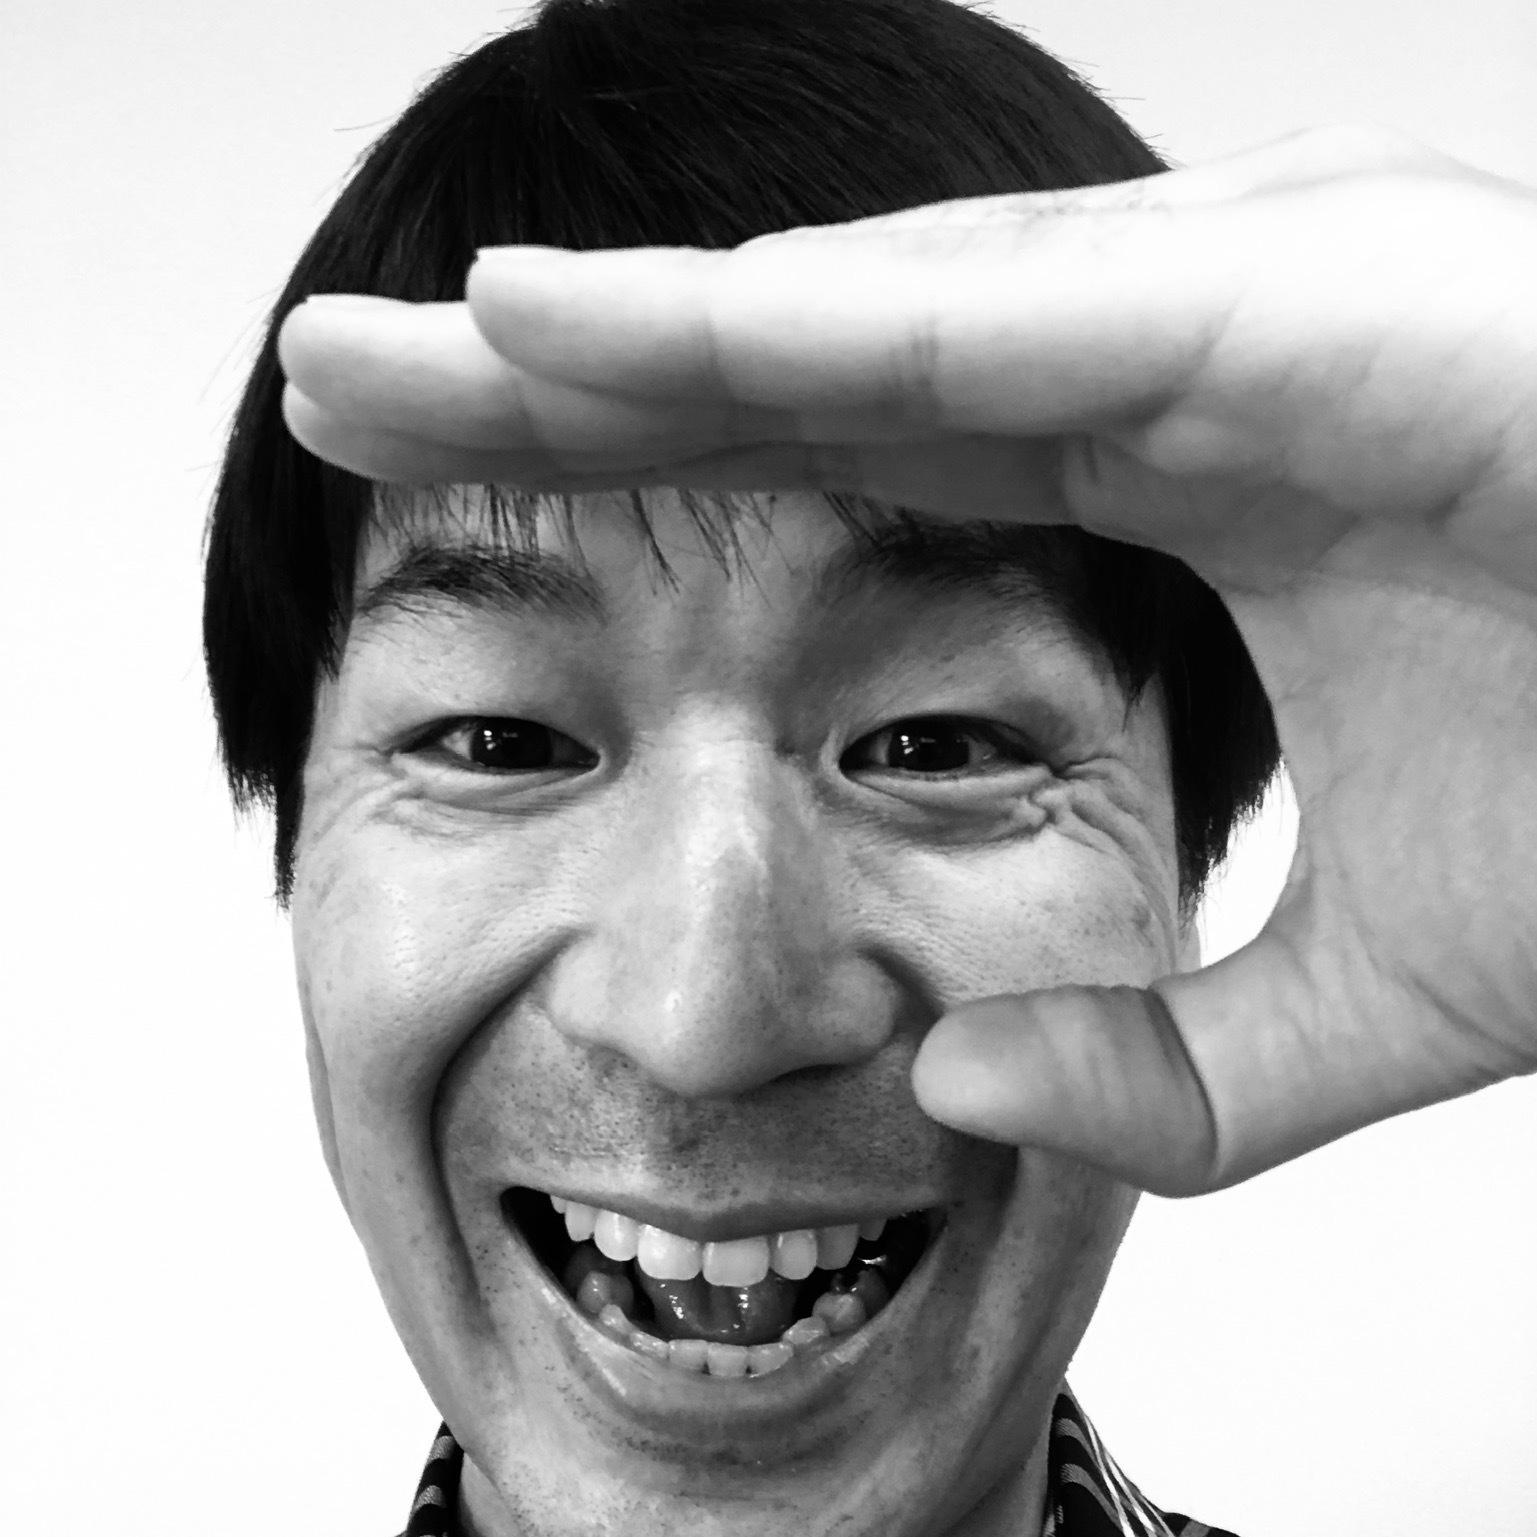 Tsuyoshi Motobe